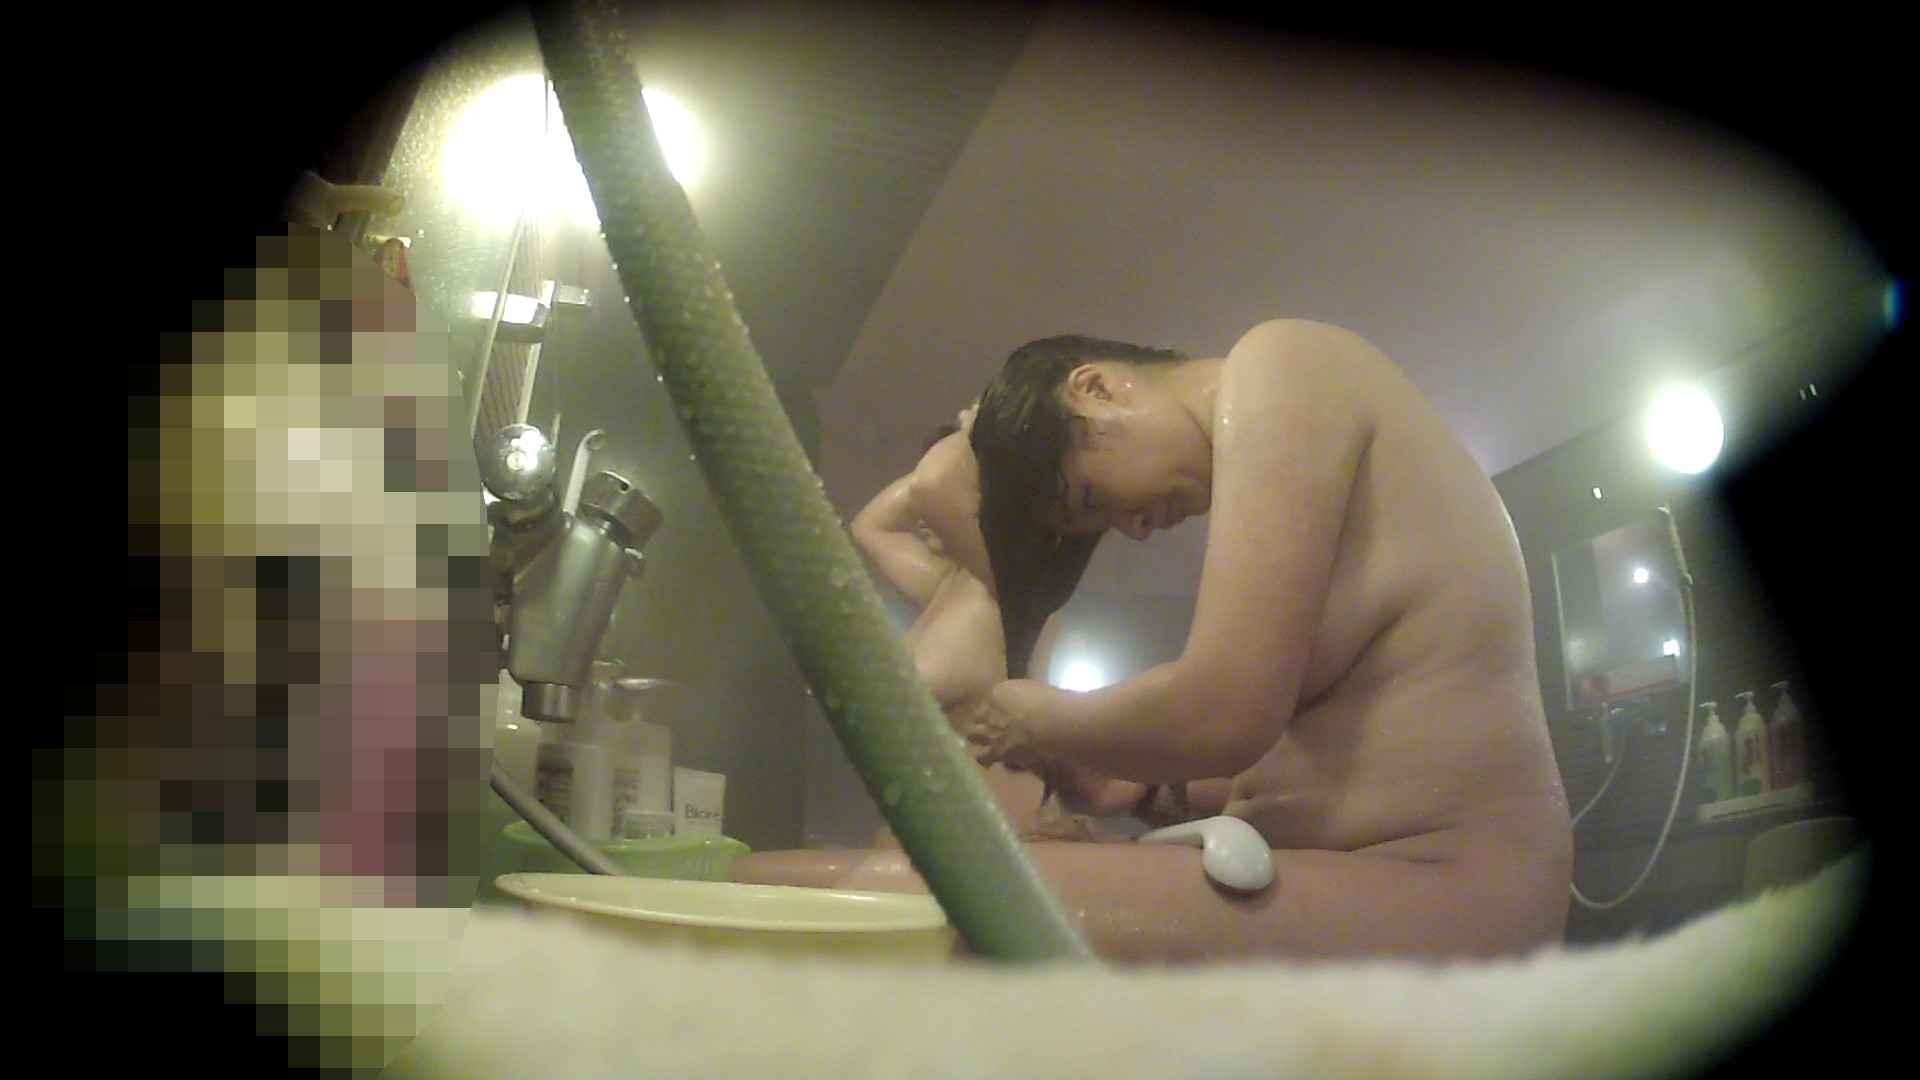 ハイビジョン 洗い場!豊満な乳が大地へと・・・乳輪の大きさは人それぞれ 銭湯特撮 | エロくん潜入  91連発 51